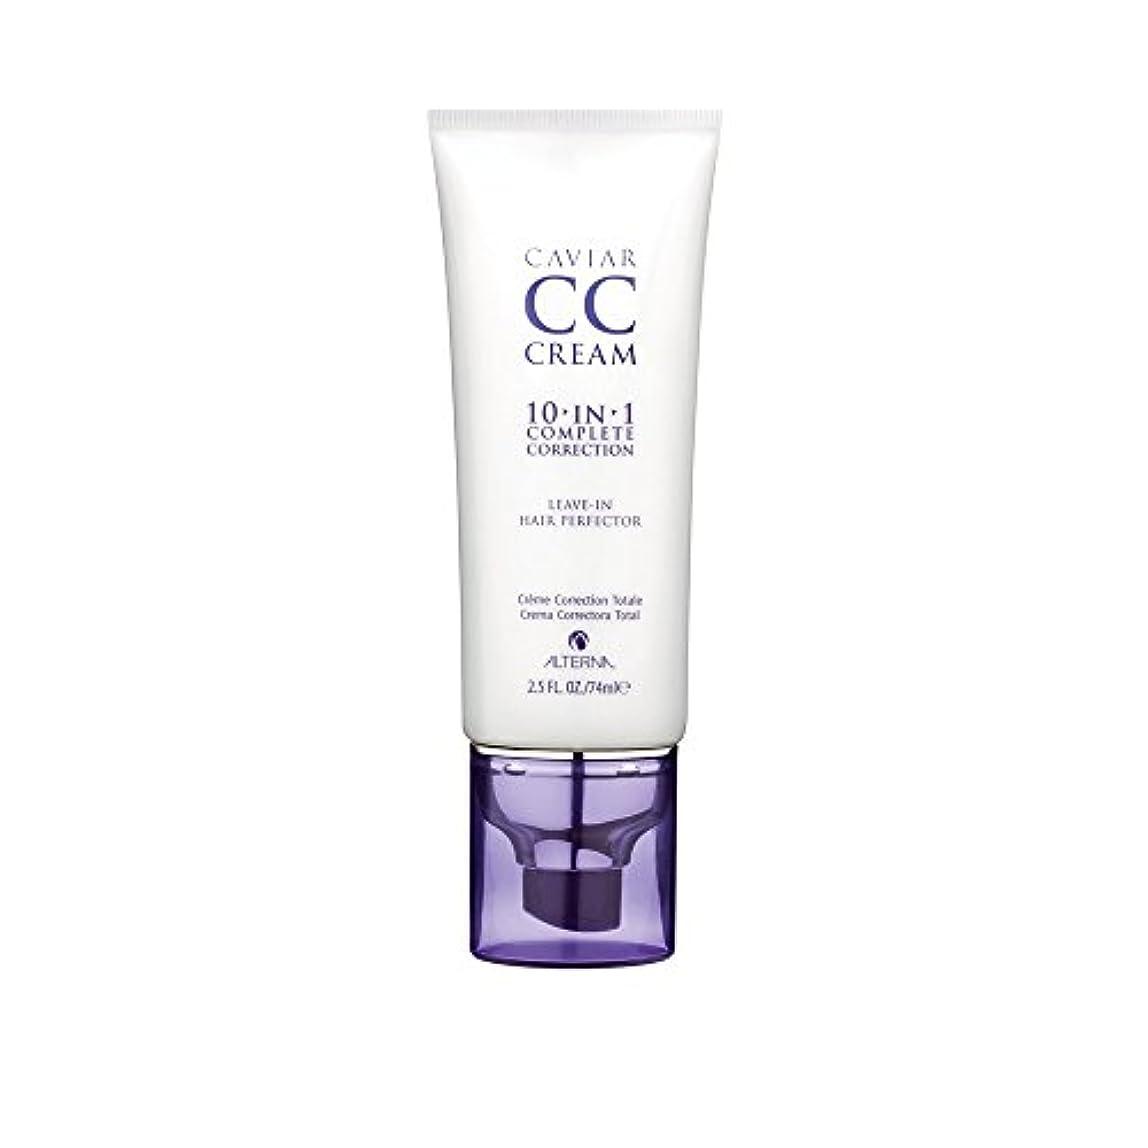 なめらか触覚自動的に[オルタナ] Alterna キャビアCCヘアクリーム 海外直送品 (Caviar Complete Correction Hair Cream 2.5oz) [並行輸入品]